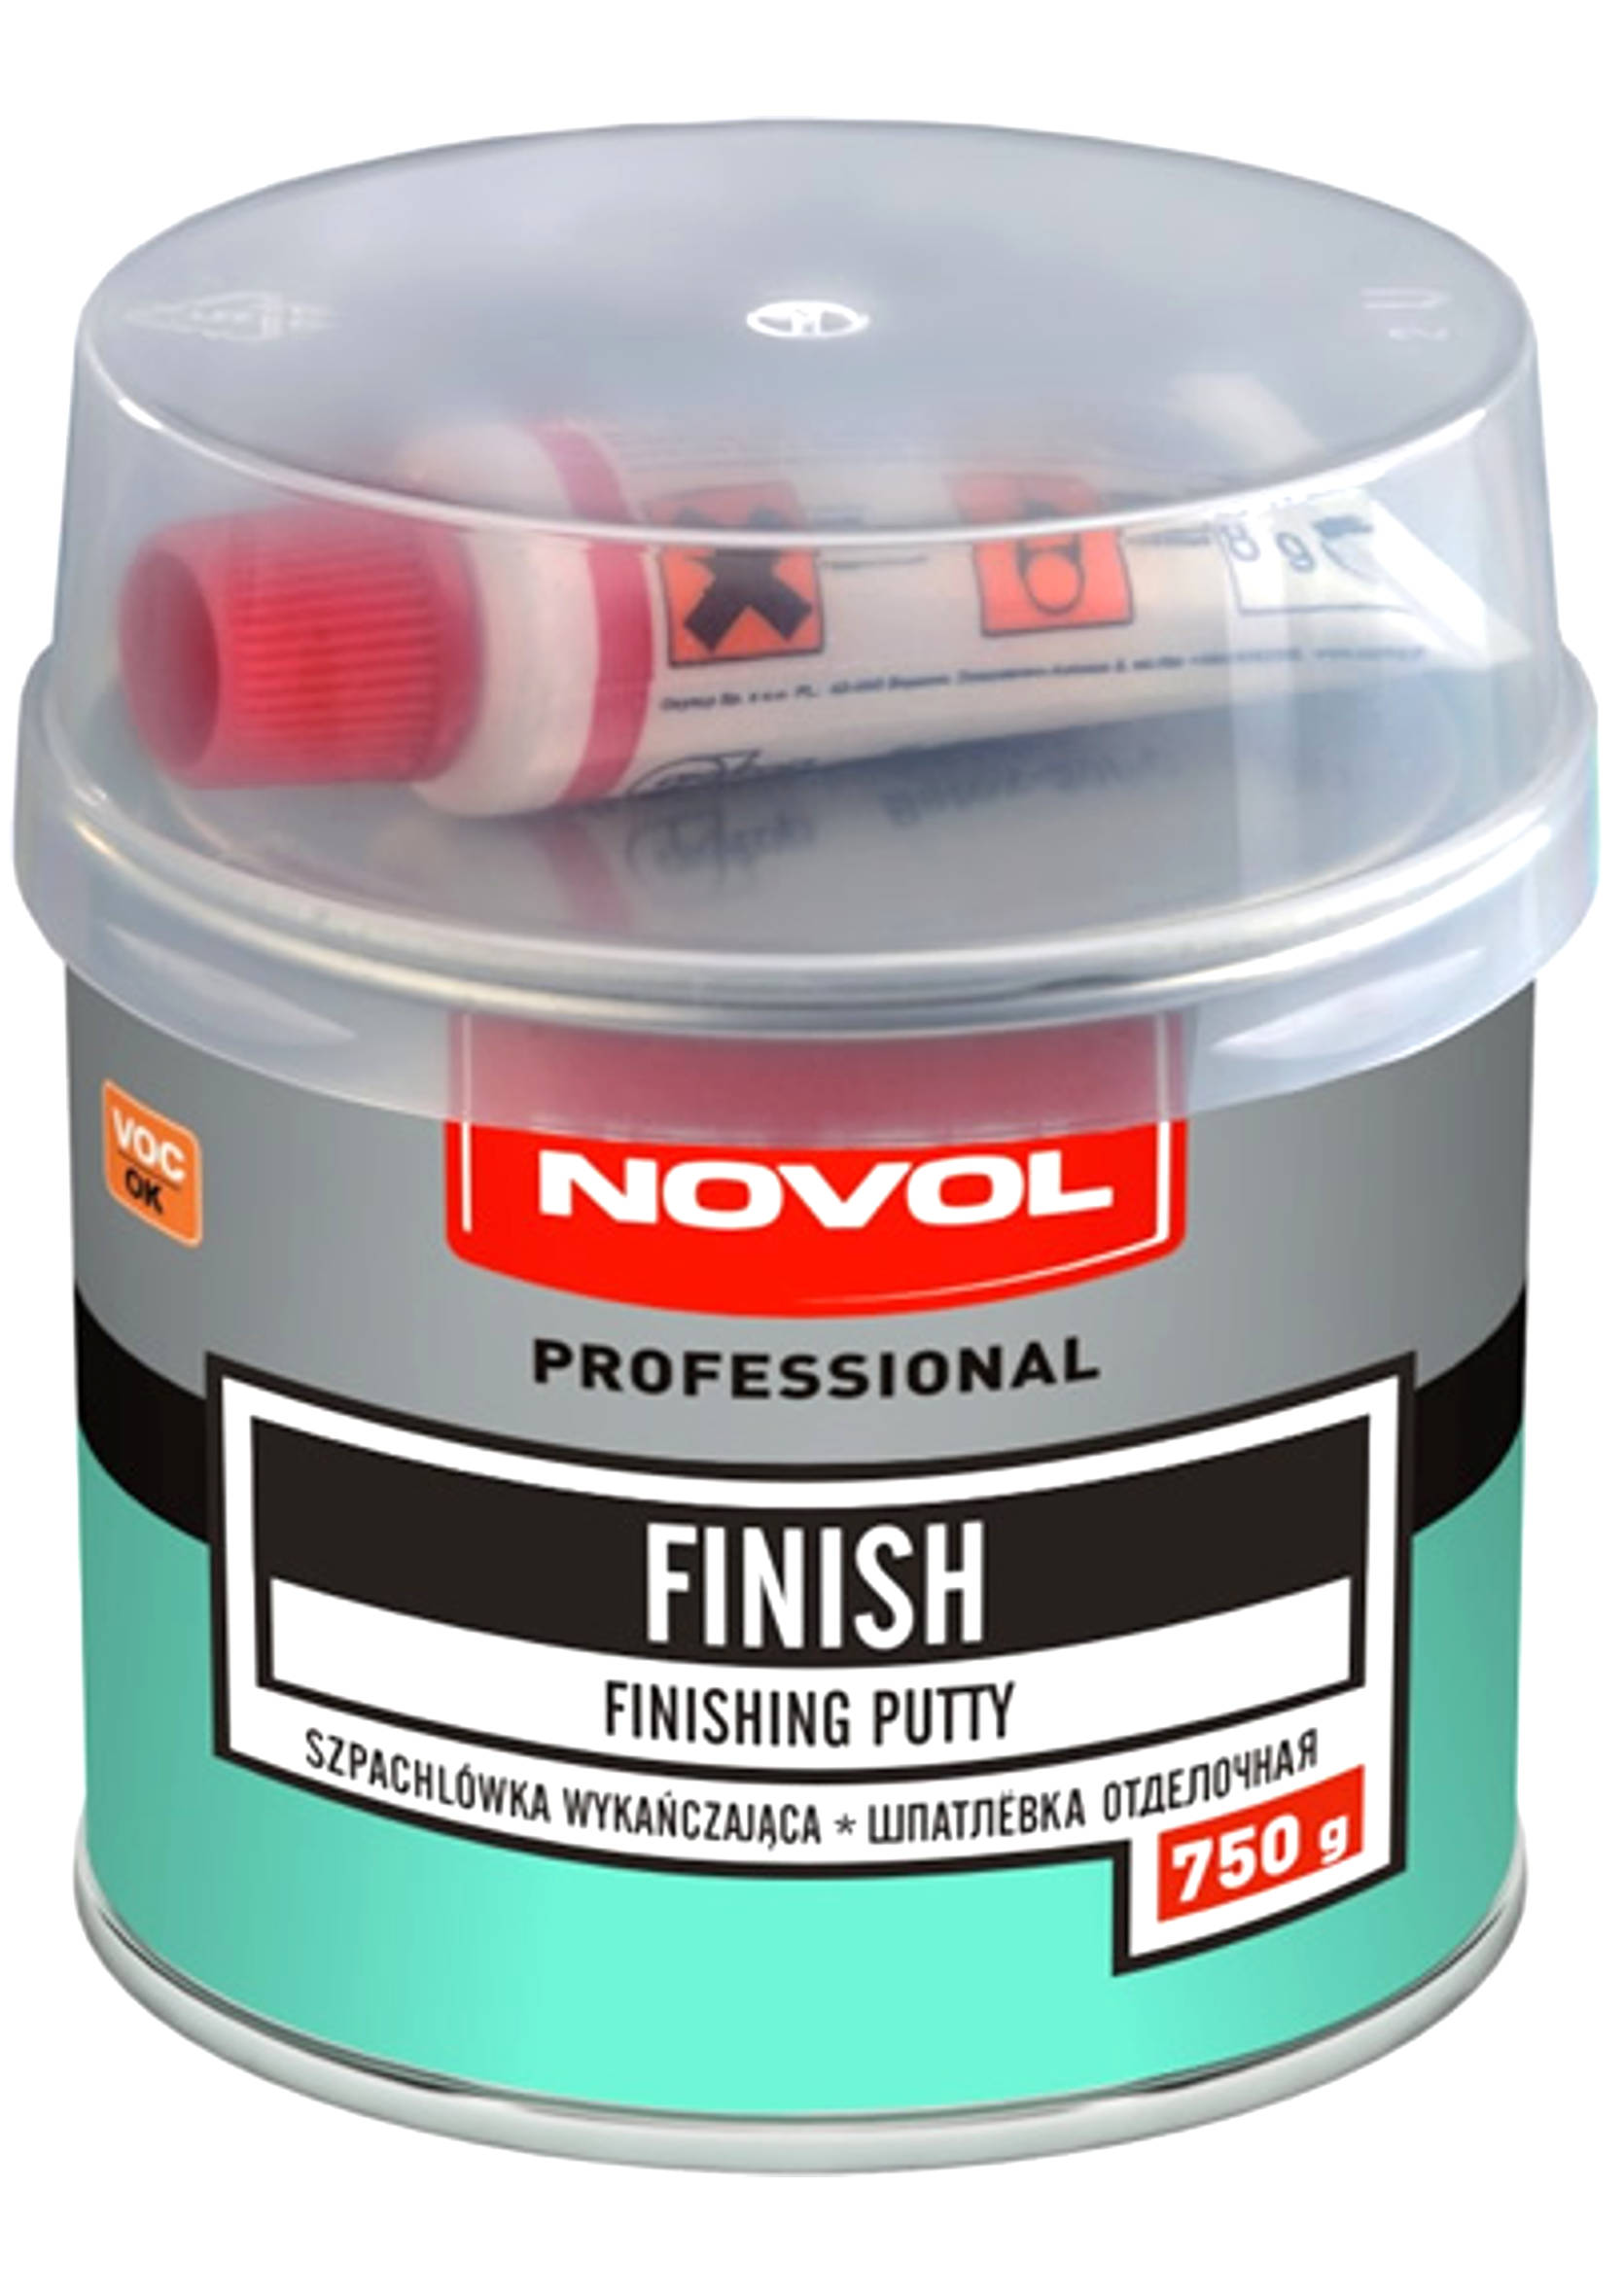 Novol Finish 750g Szpachla wykończeniowa szpachlówka do samochodu 0,75kg